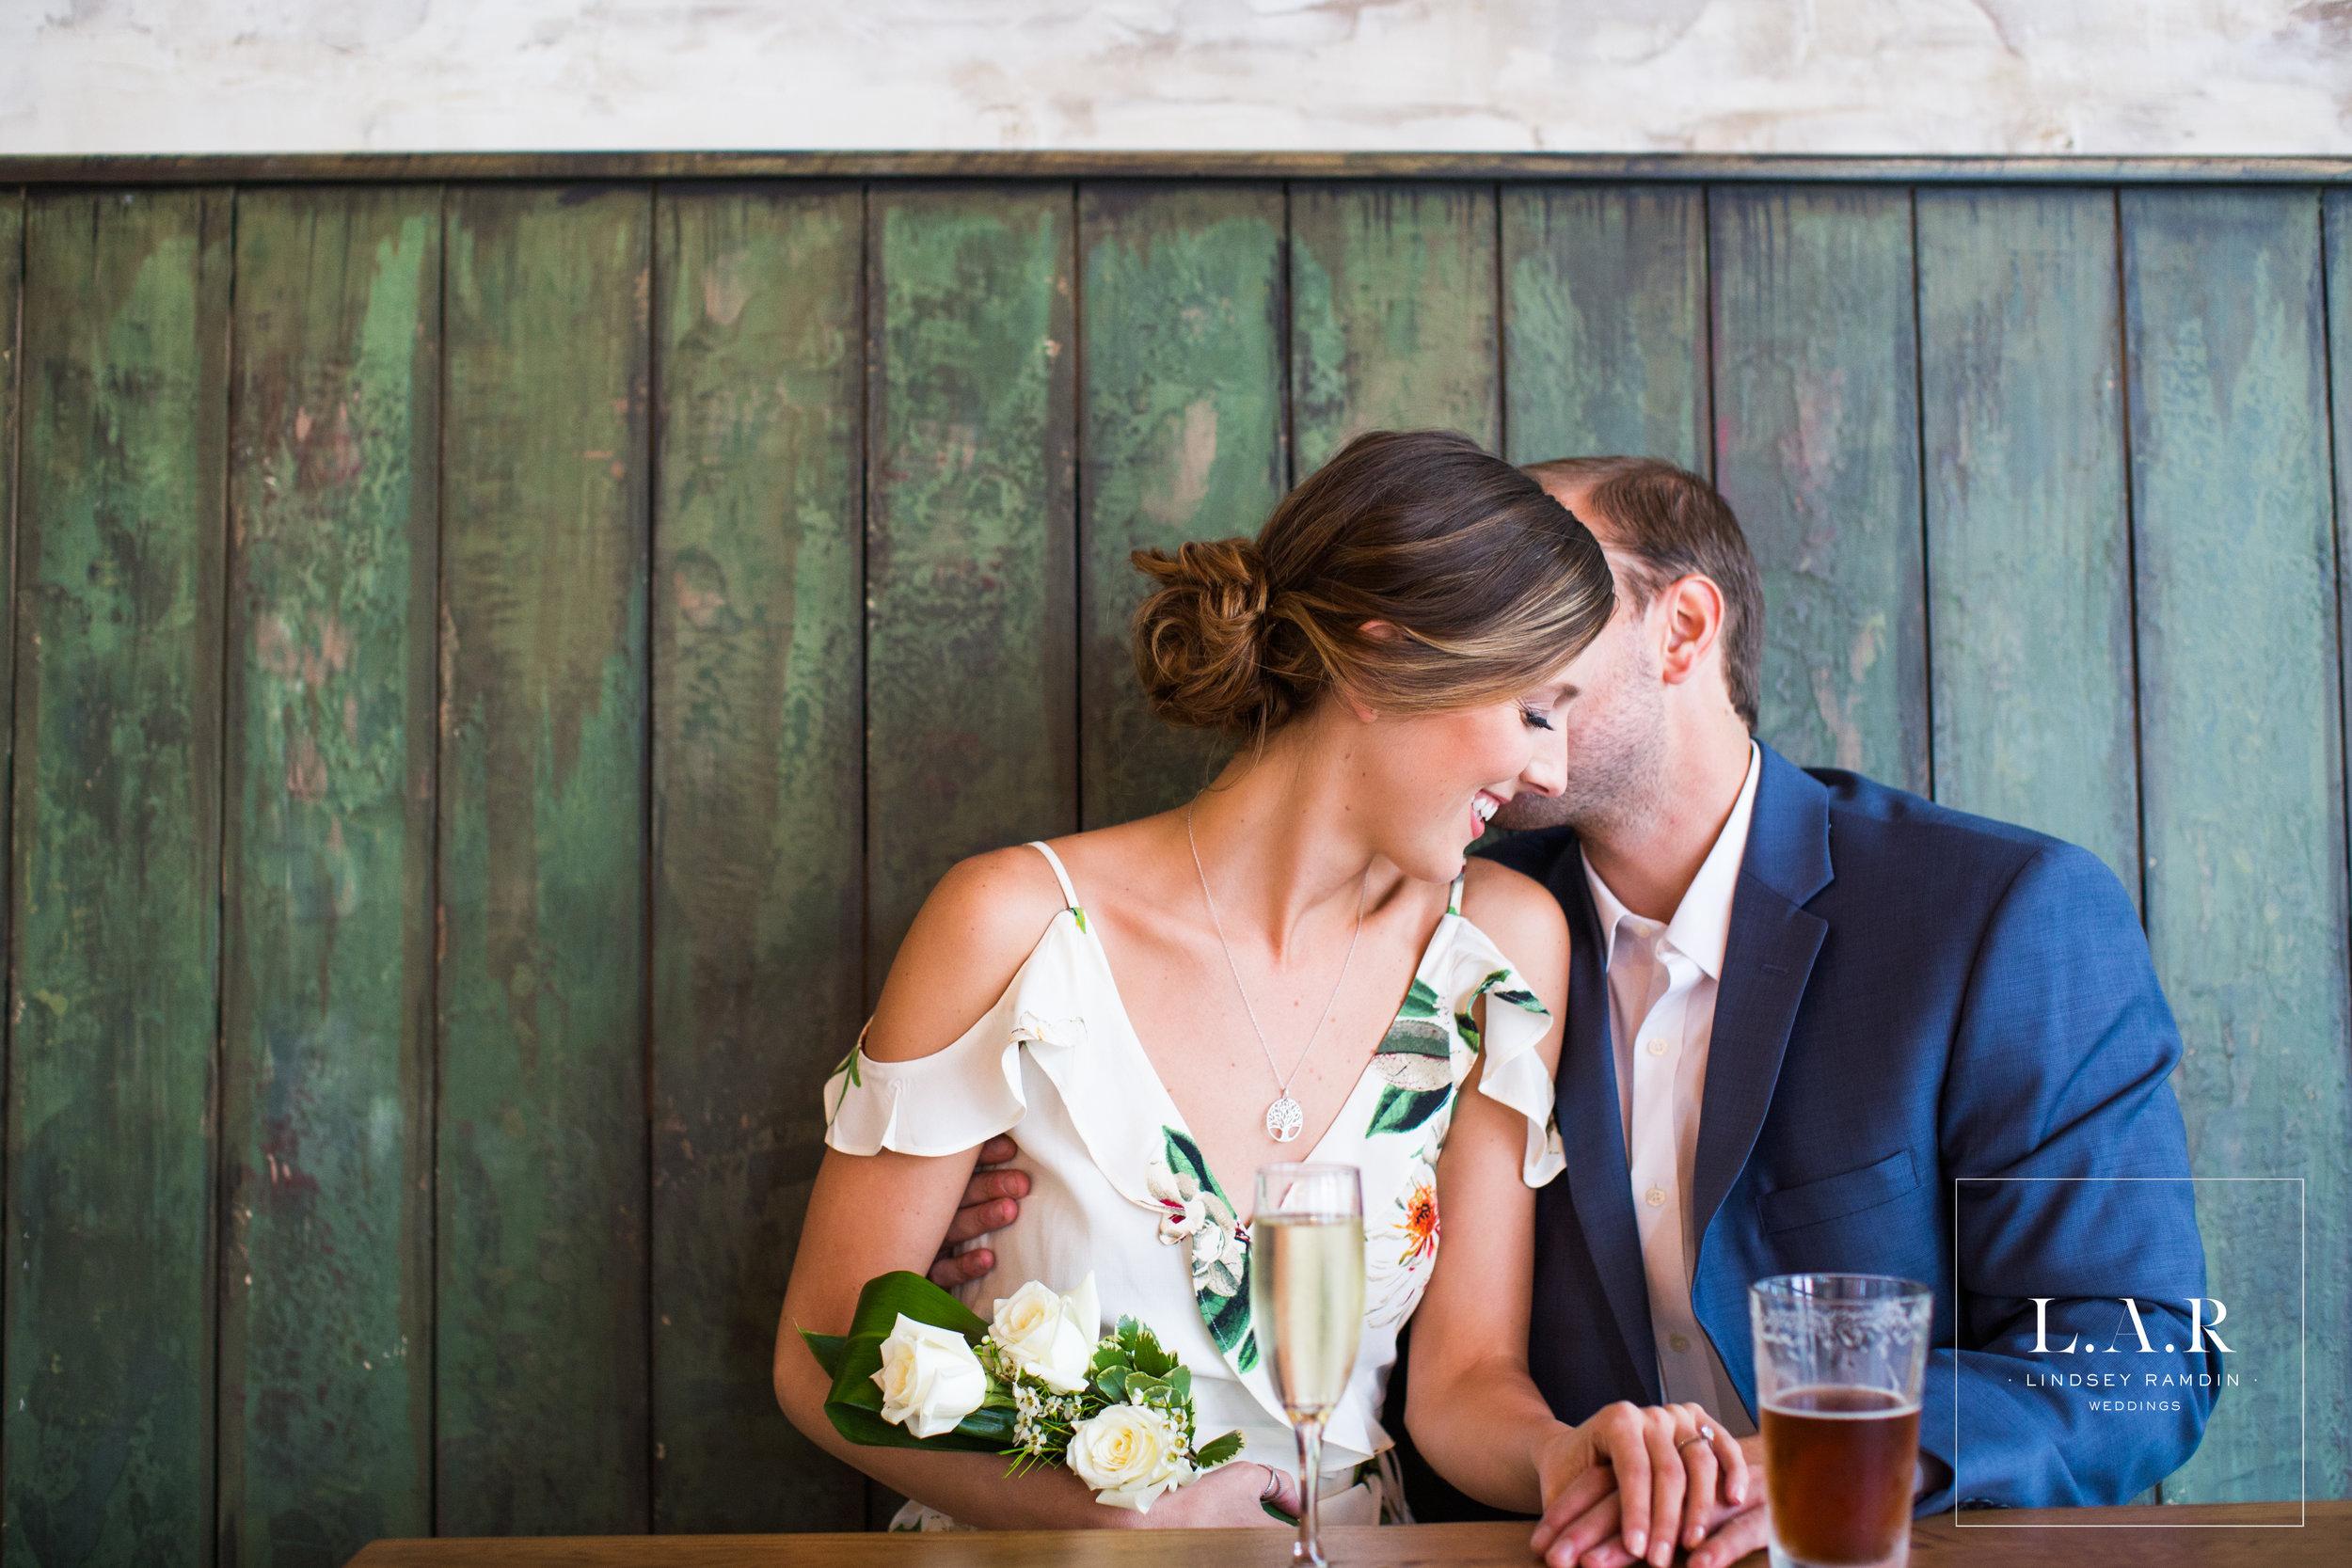 Crocker Park Engagement Photos | L..A.R. Weddings